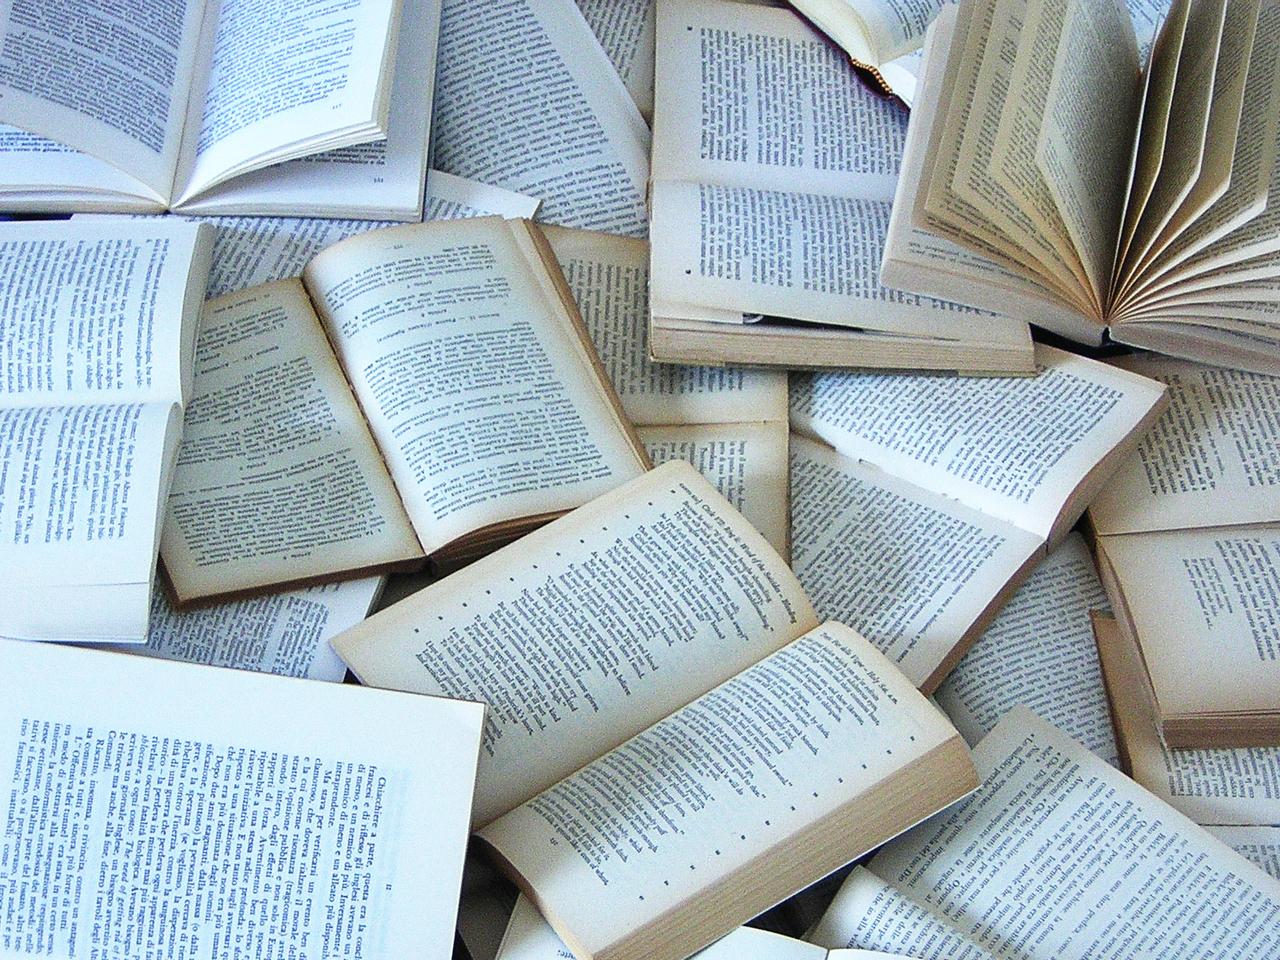 books-1478715-1280x960.jpg